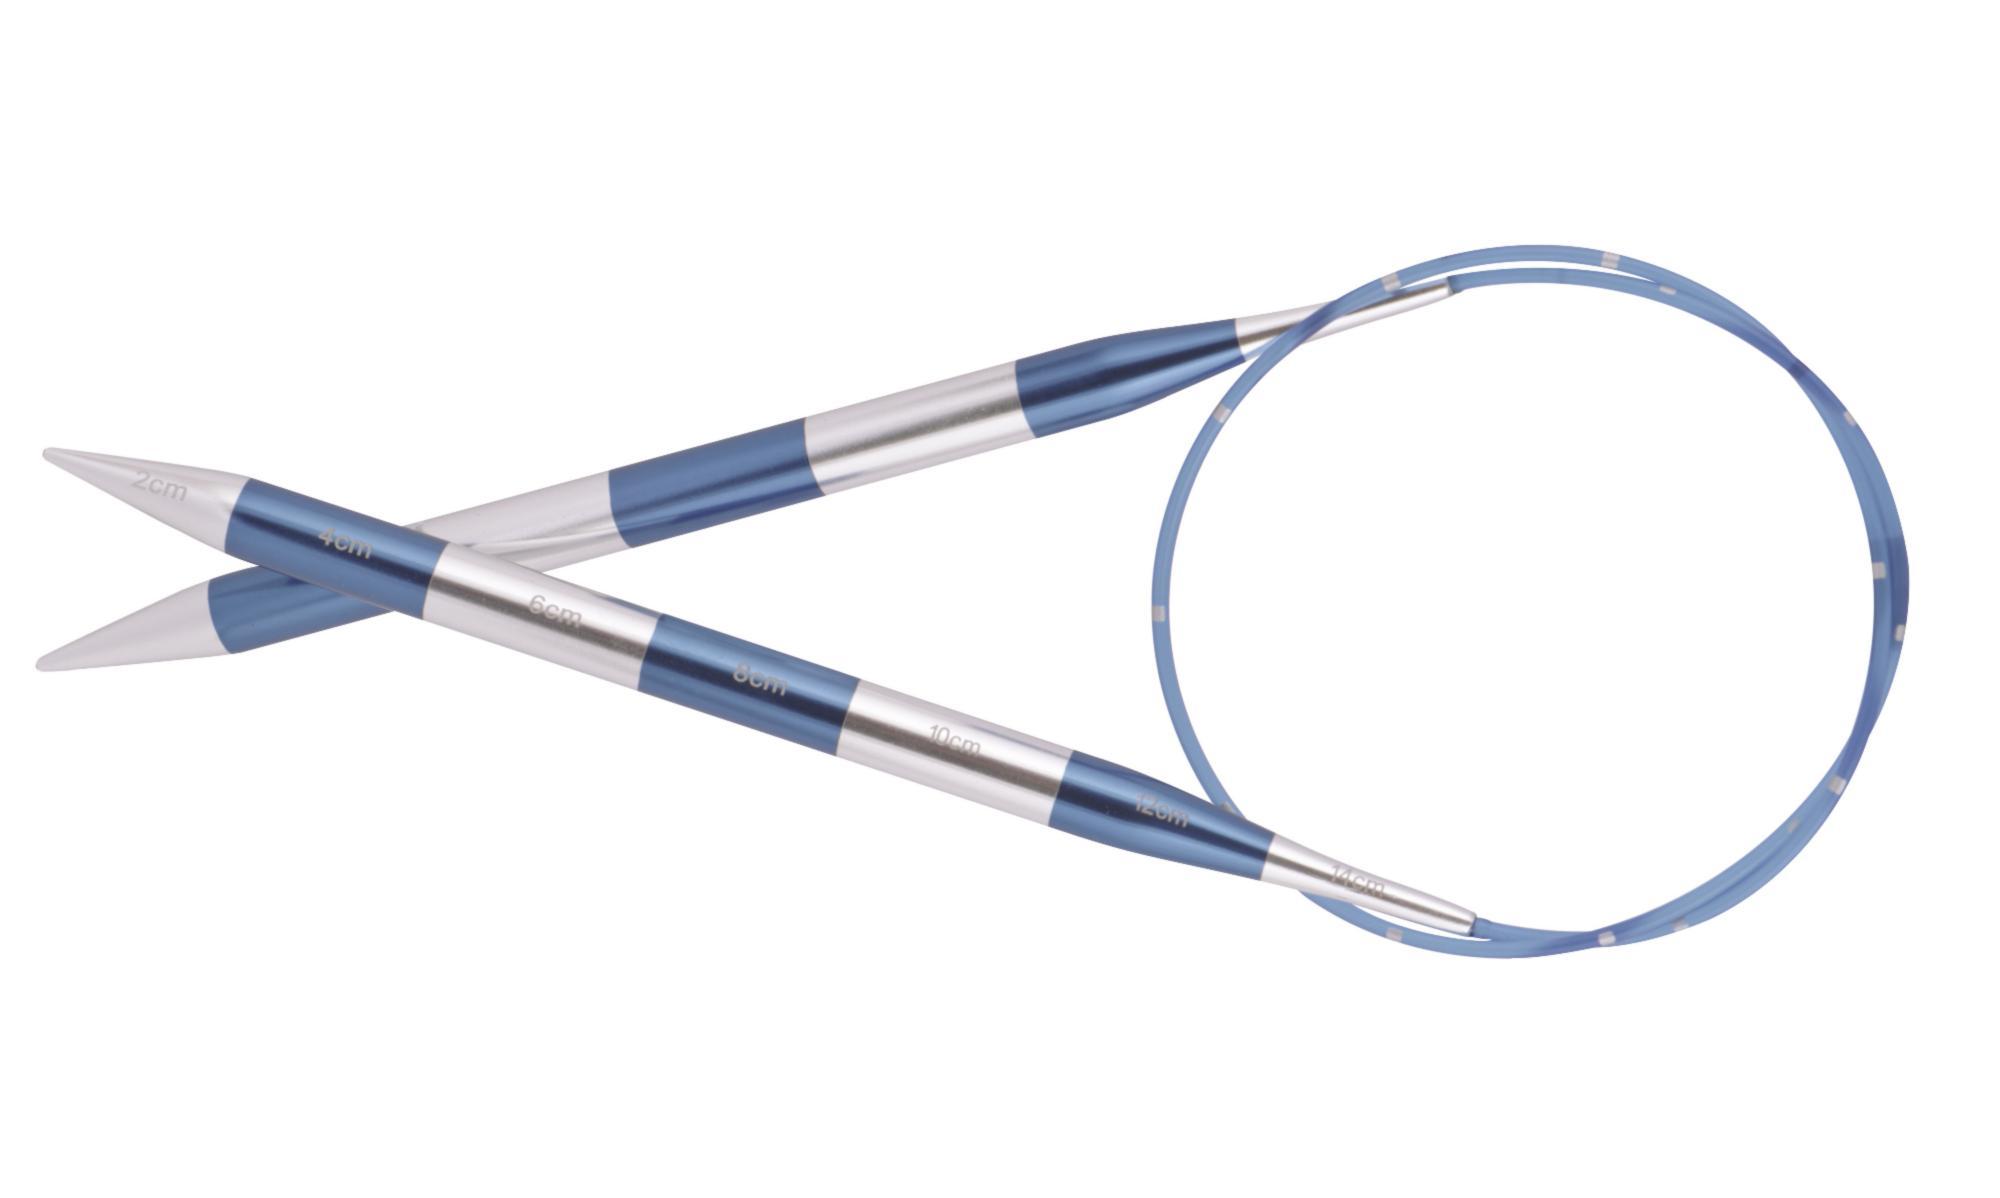 42065 Спицы круговые 3.00 мм - 60 см Smartstix KnitPro